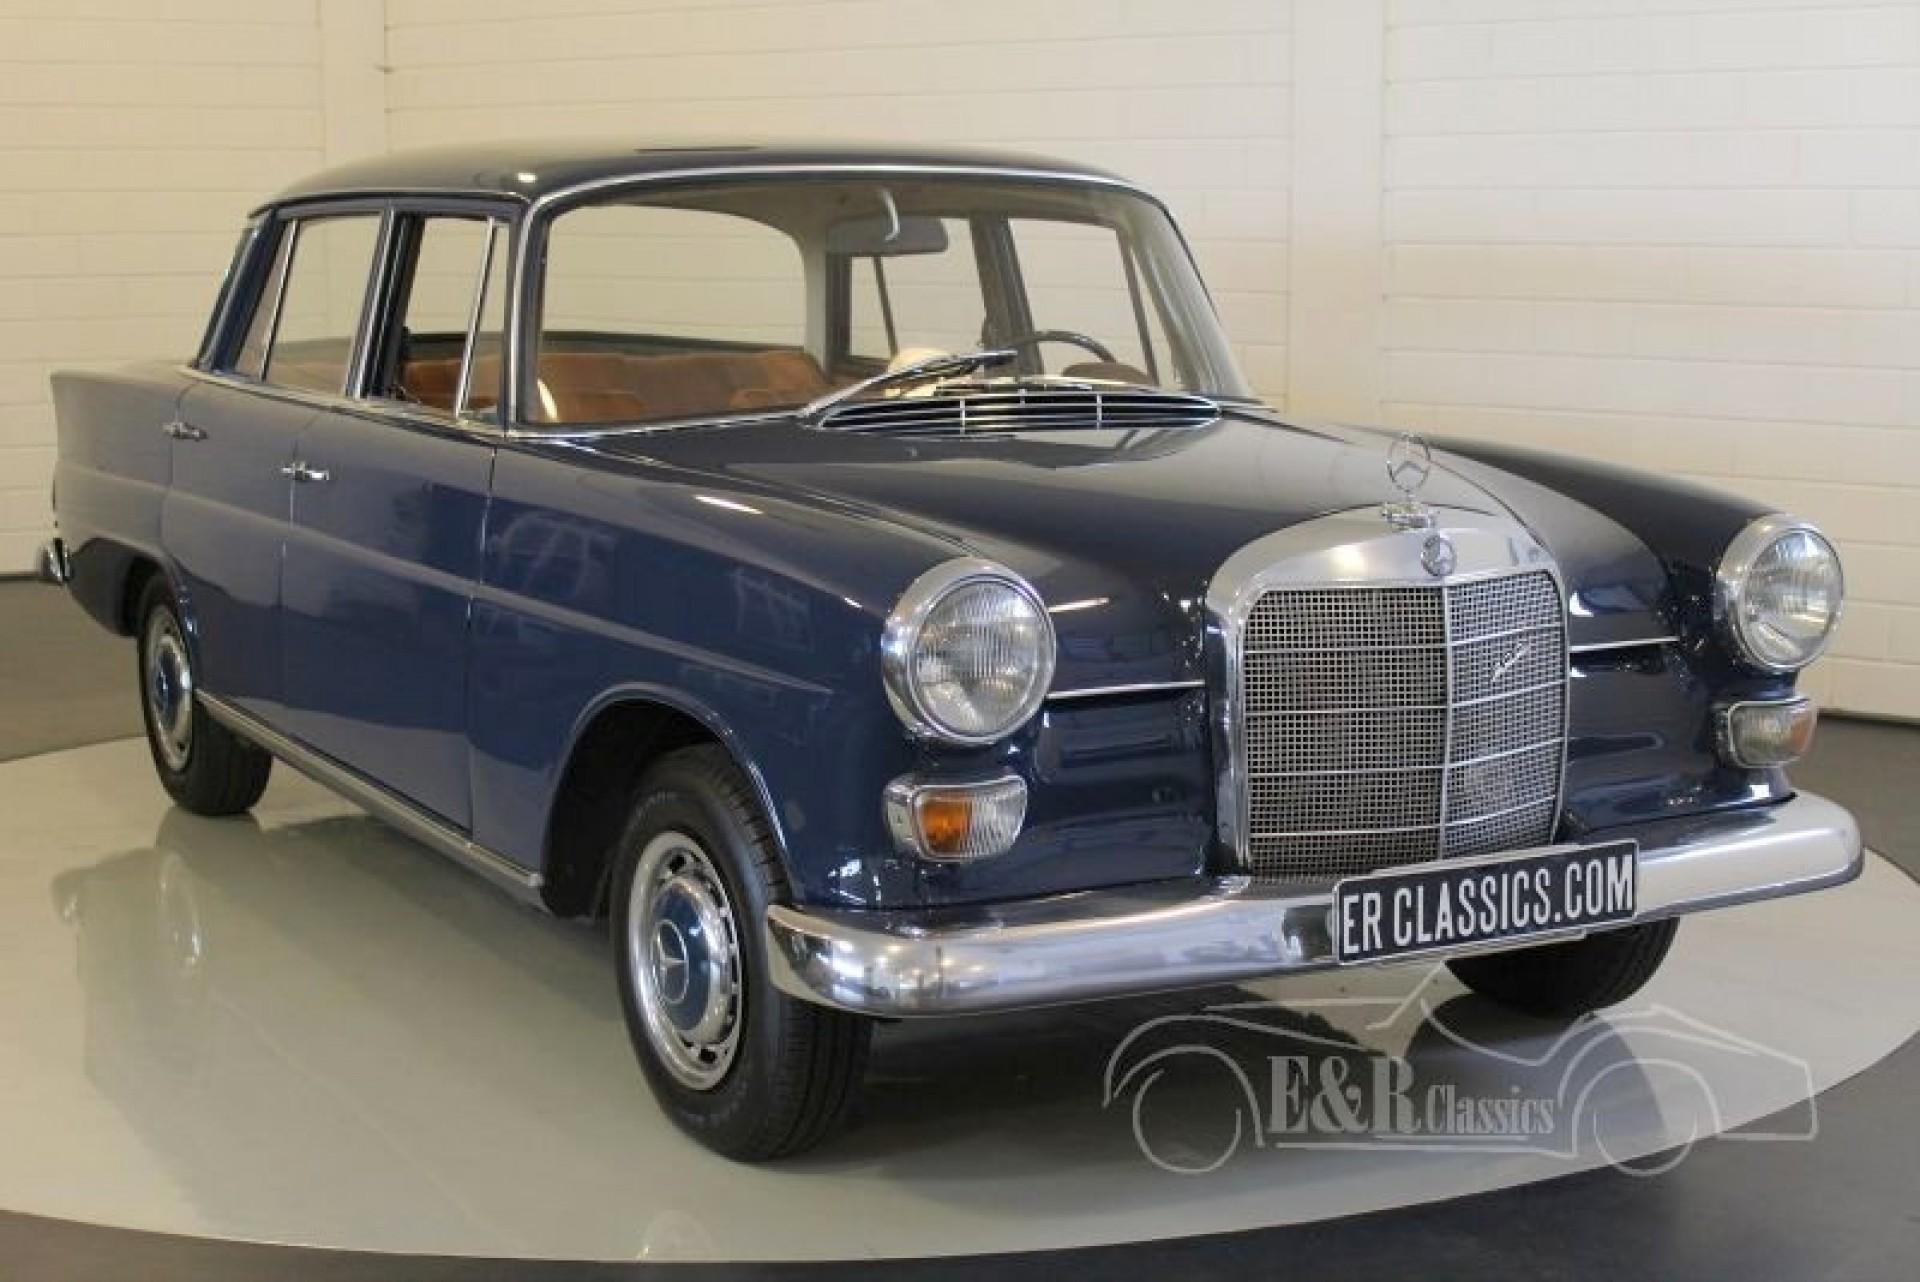 Mercedes benz 200 heckflosse 1967 te koop bij erclassics for Mercedes benz 200